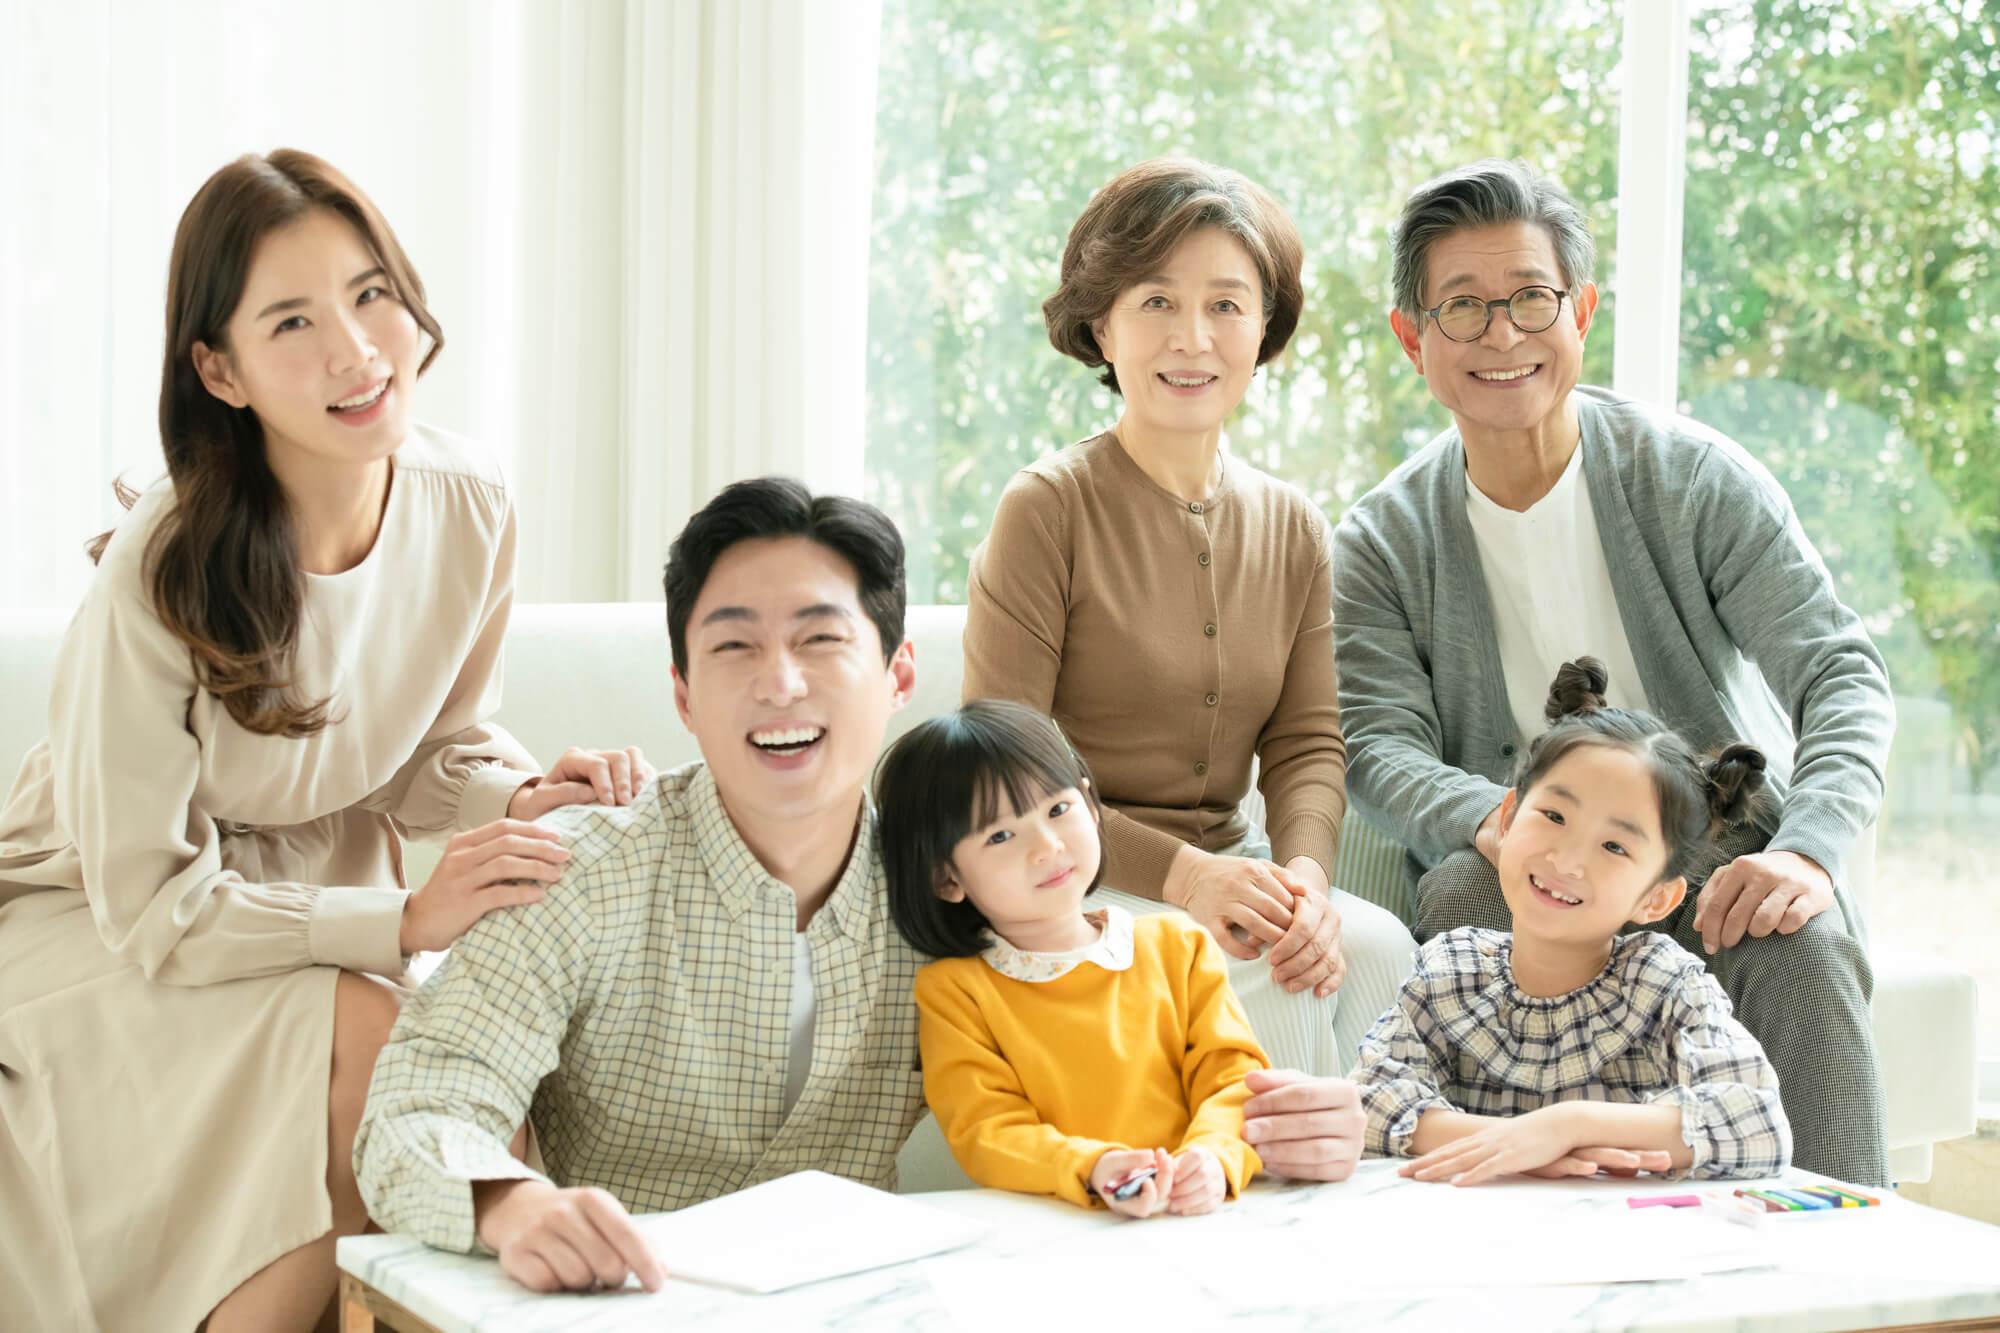 とても仲の良さそうな家族に見えるが、実際は様々な問題を抱えている家族